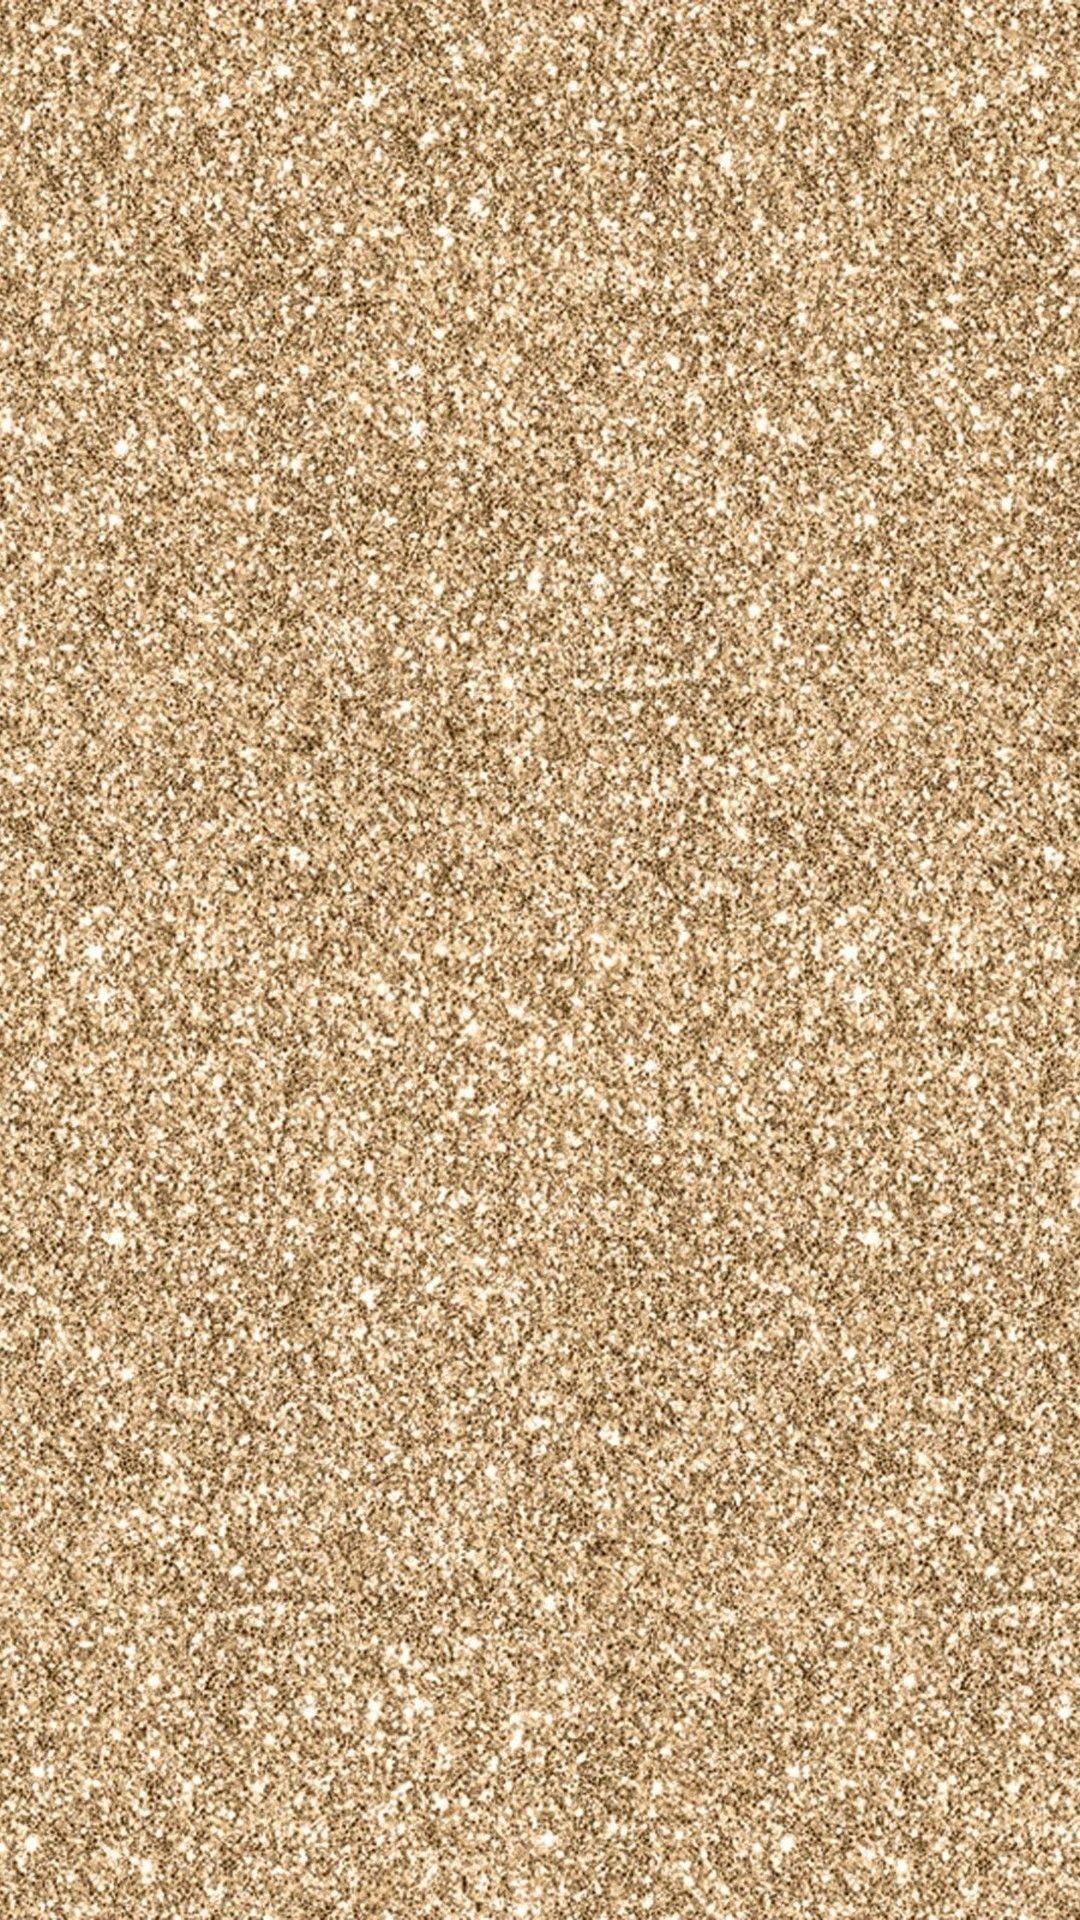 Res: 1080x1920, iPhone 8 Wallpaper Gold Glitter - Best iPhone Wallpaper